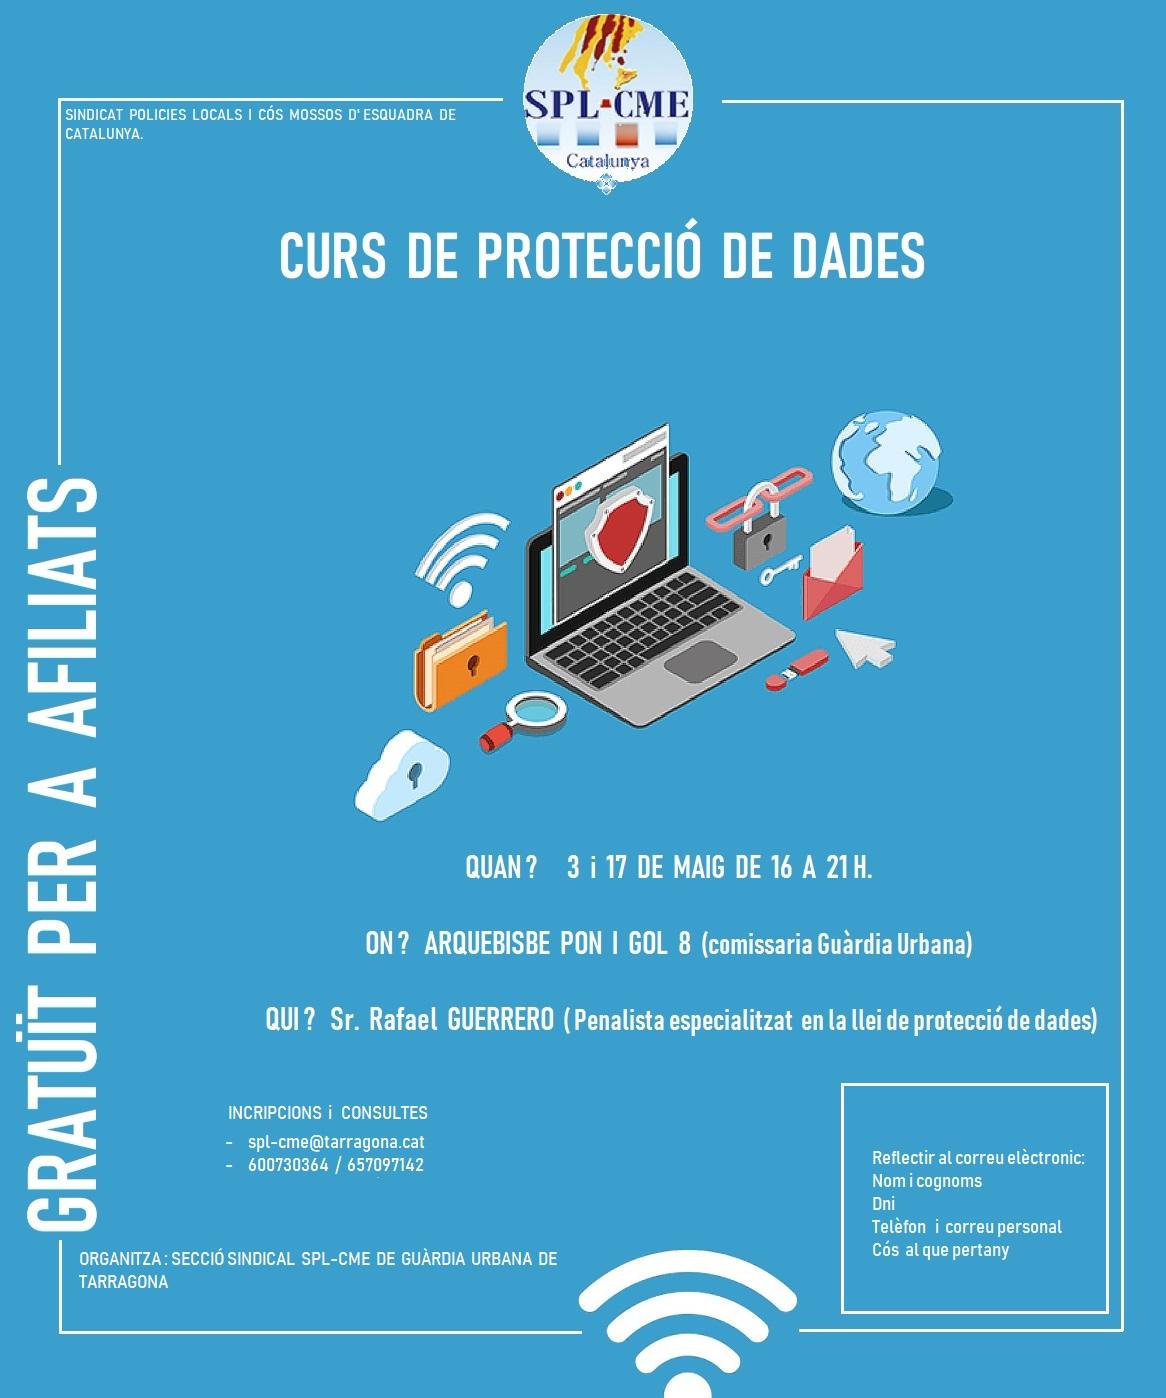 SPLCME, curs de Protecció de Dades, gratuït per a afiliats